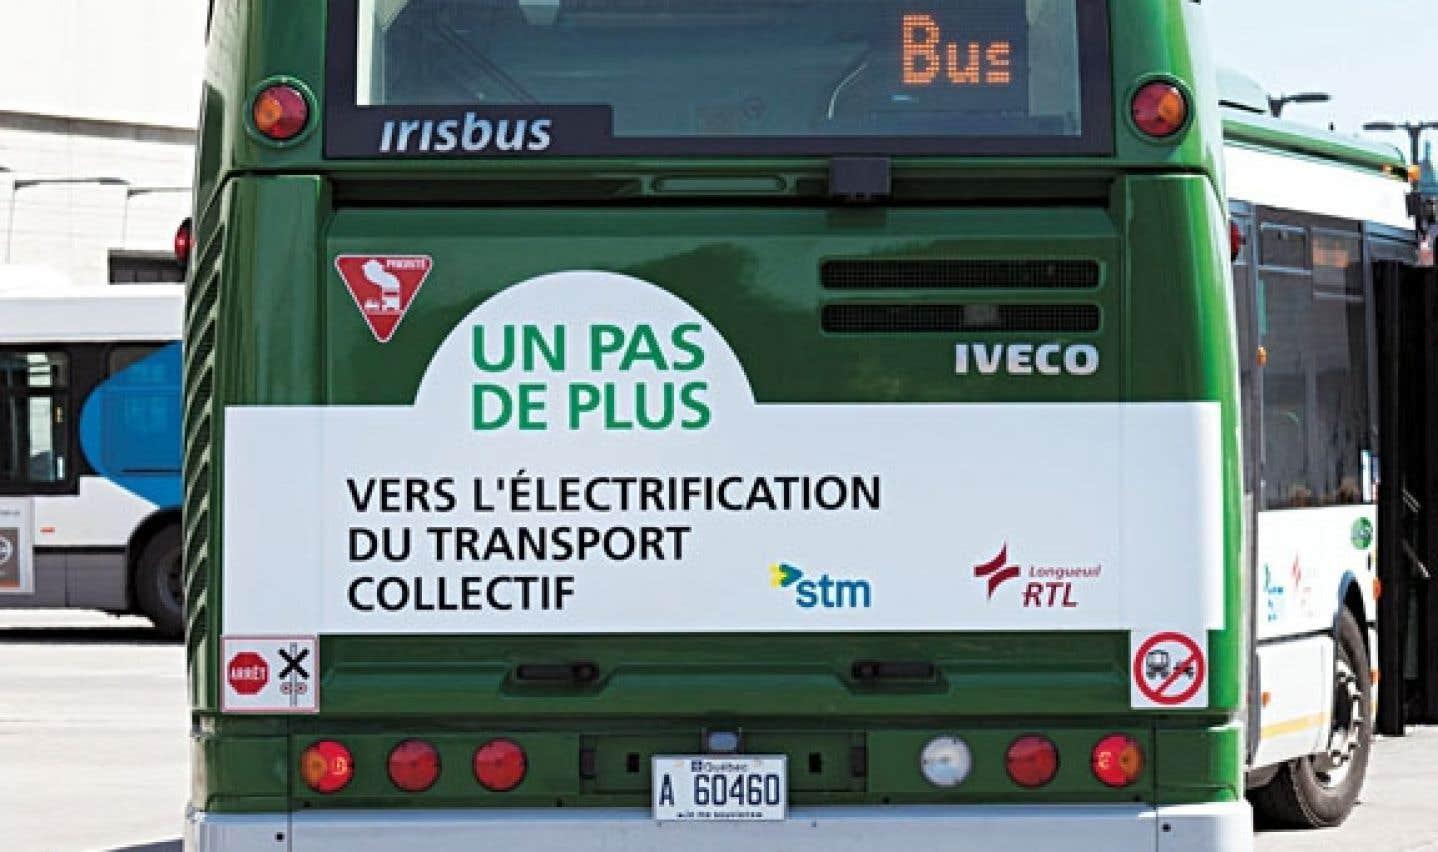 On verra prochainement arriver une flotte de 500 autobus hybrides.